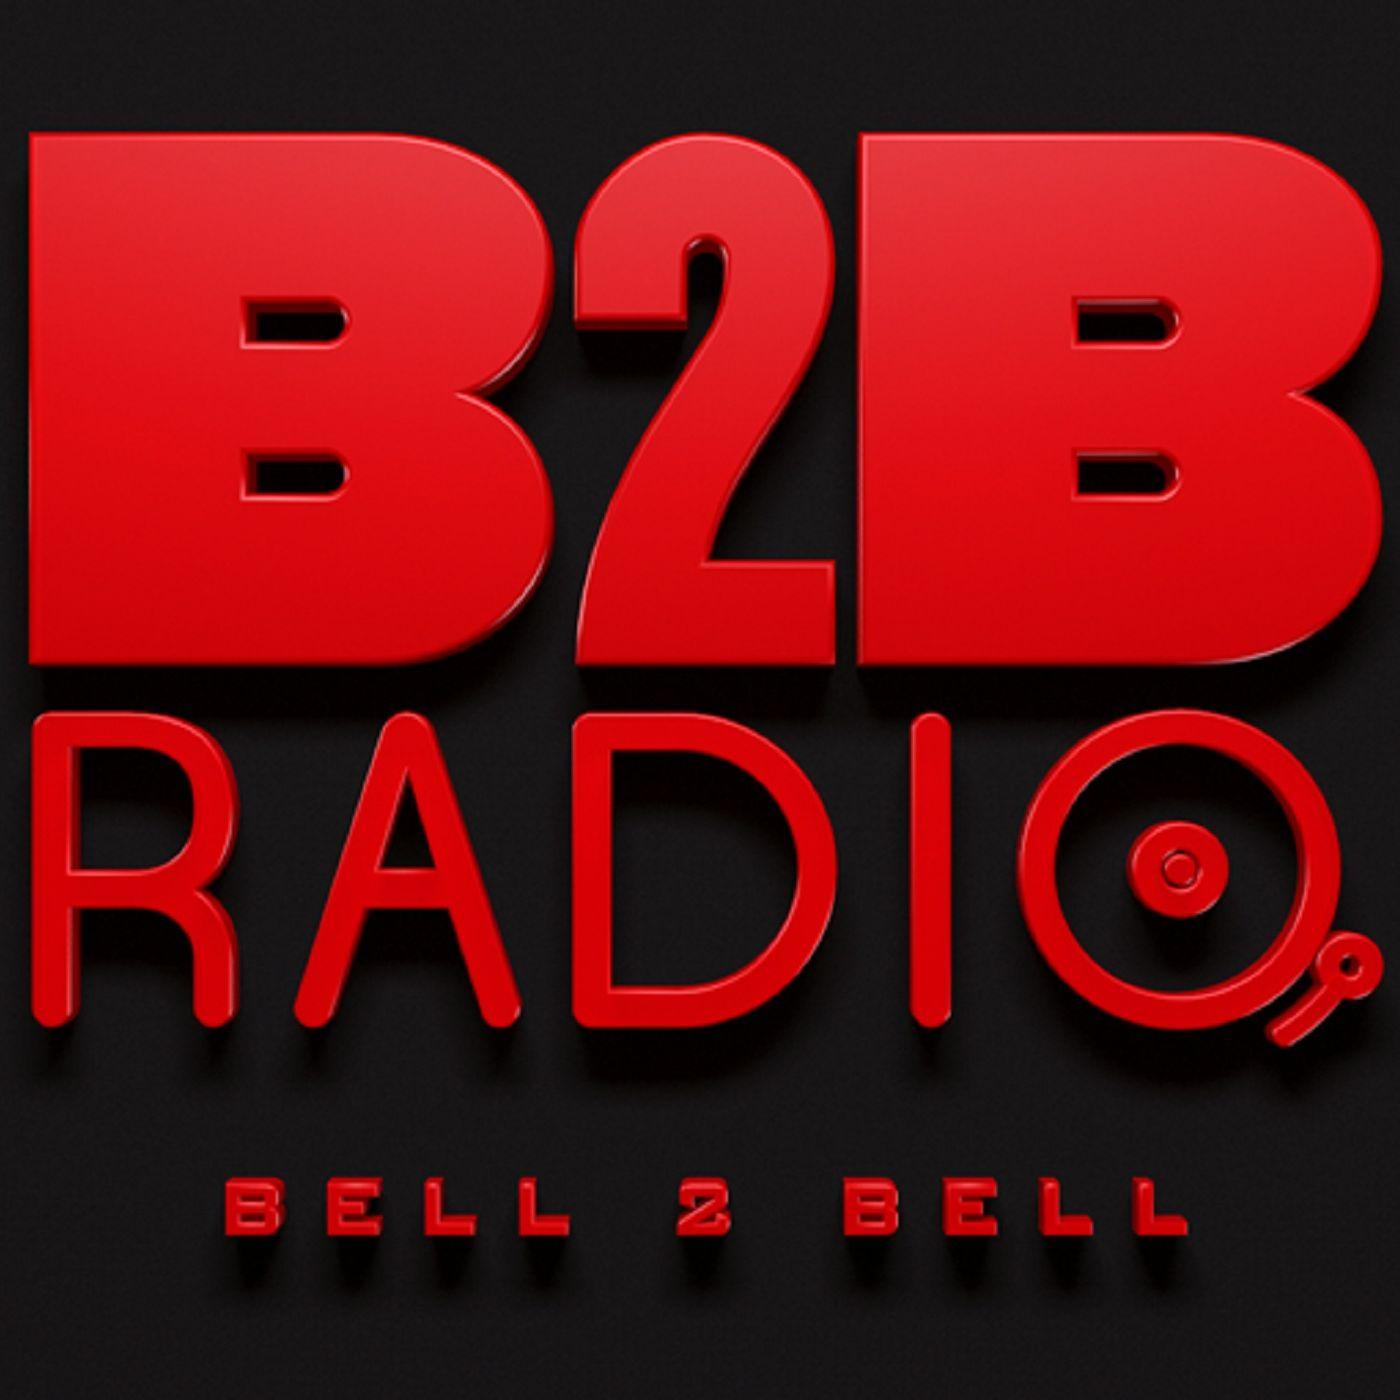 Bell 2 Bell